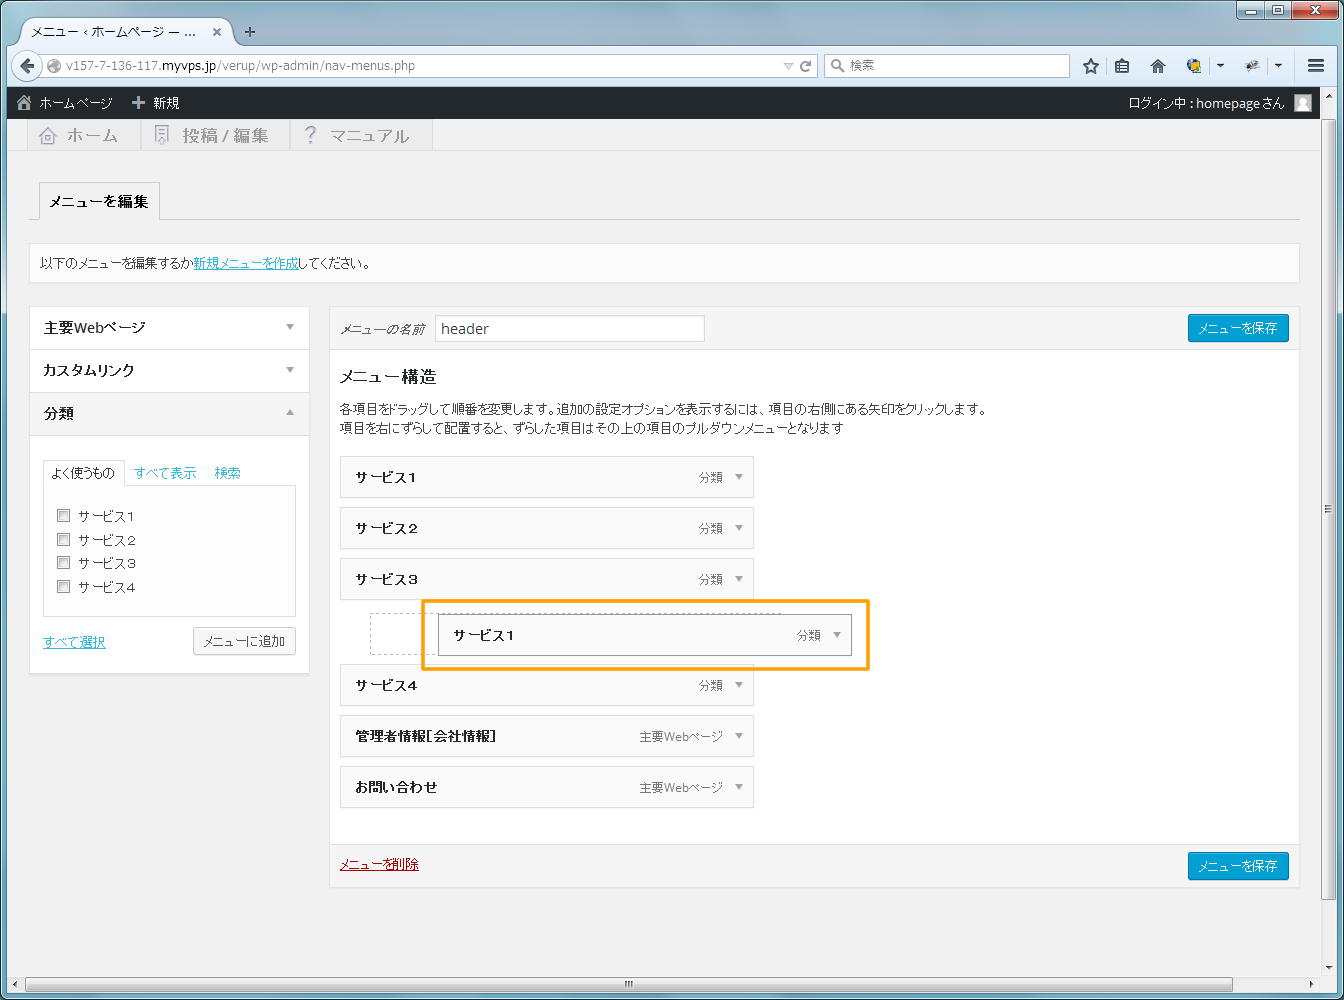 ナビ[メニュー]管理画面 表示順変更 | 初期費用無料ホームページ作成サイト - FunMaker